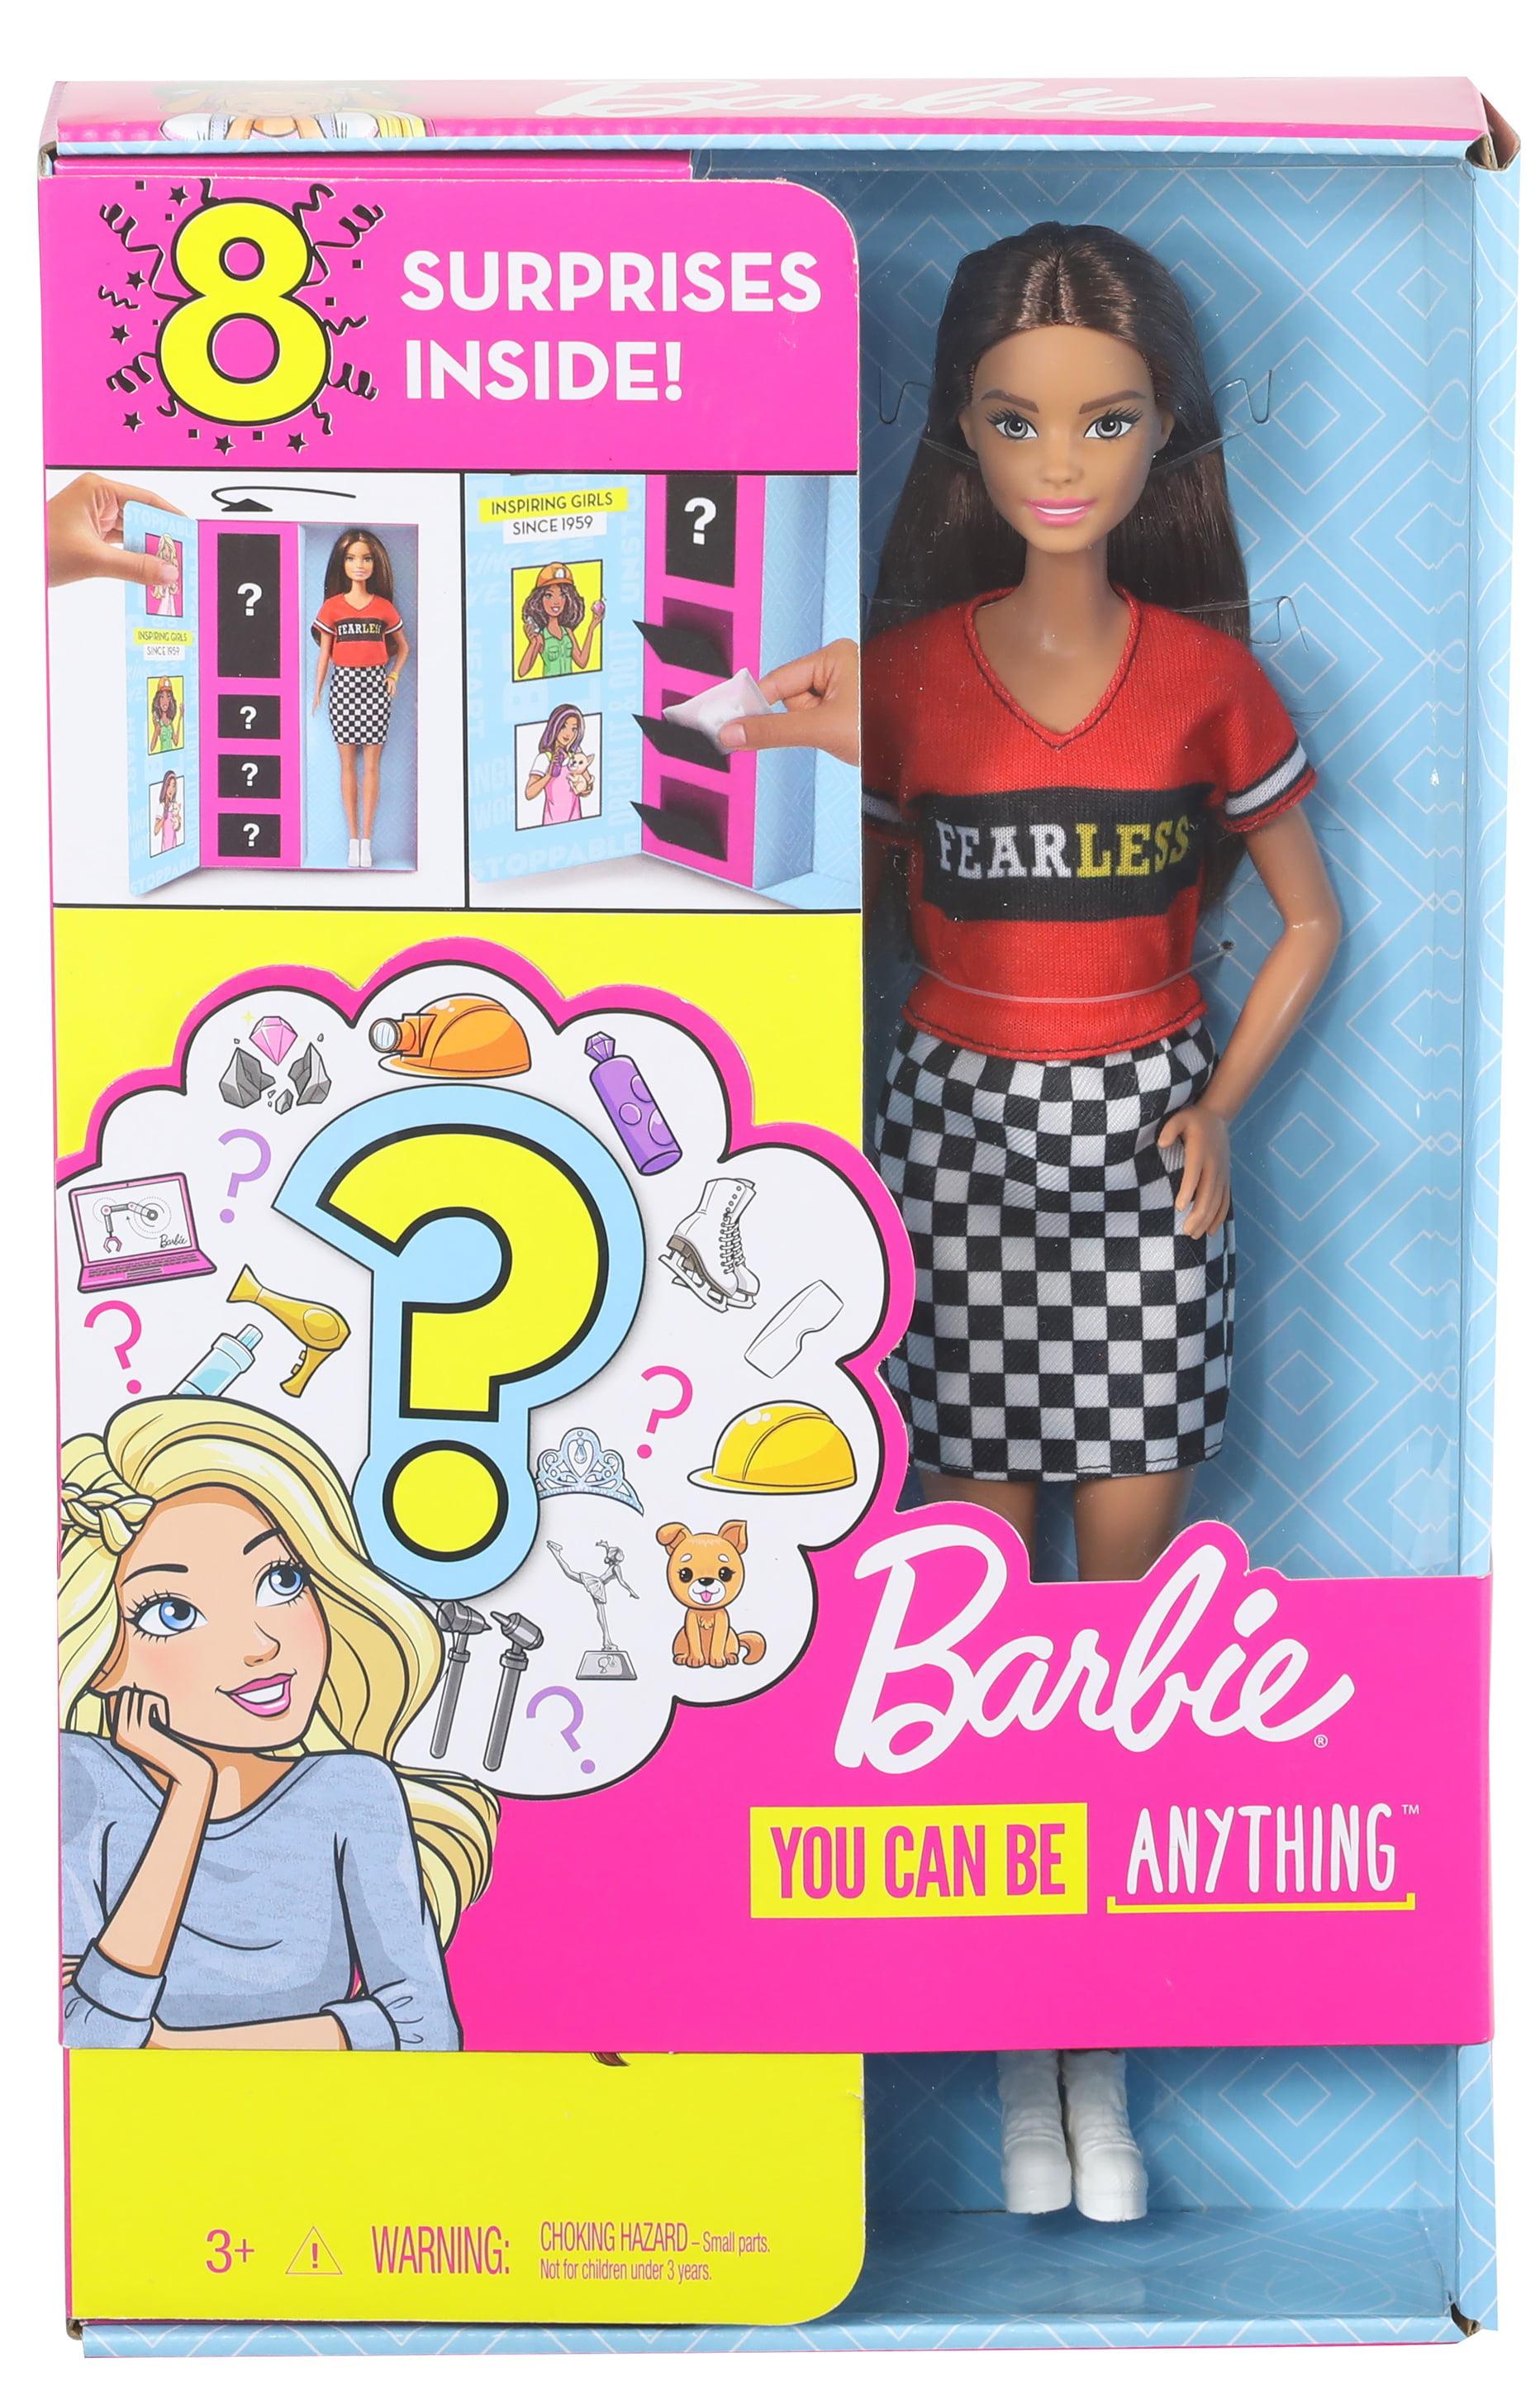 Boneca Barbie Com 2 carreira Surpresa parece com 8 surpresas Multi